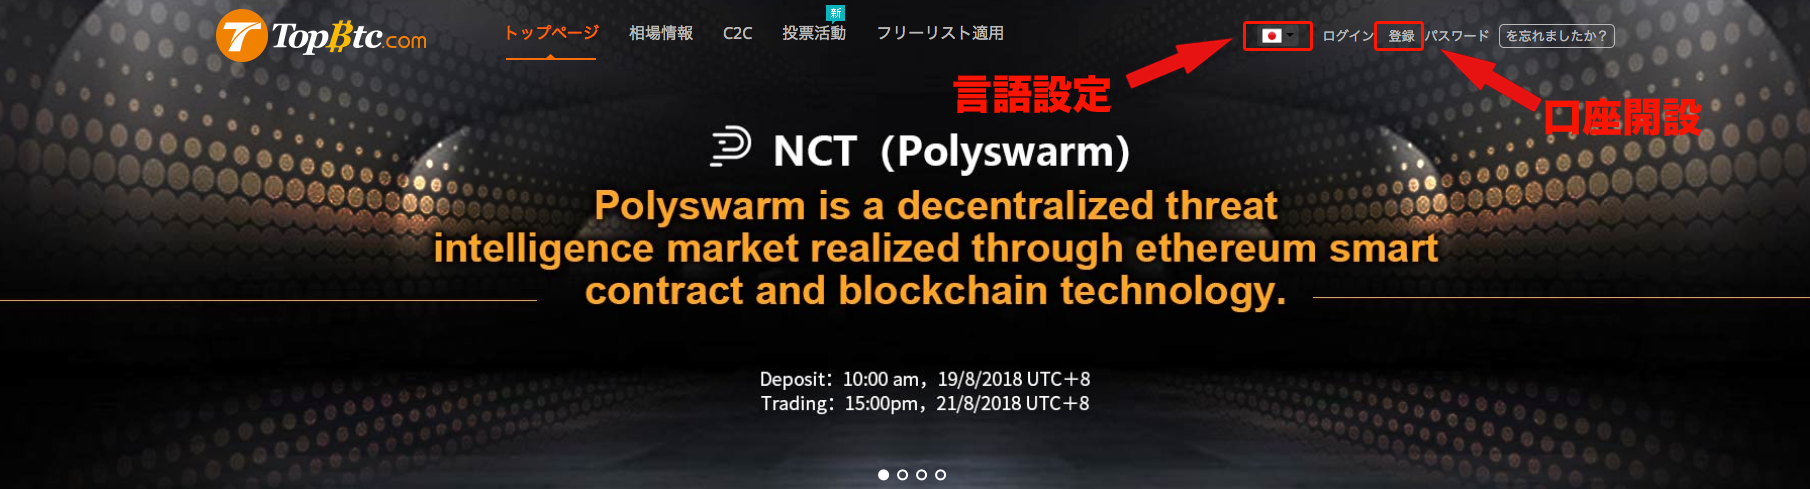 TOPBTC登録01